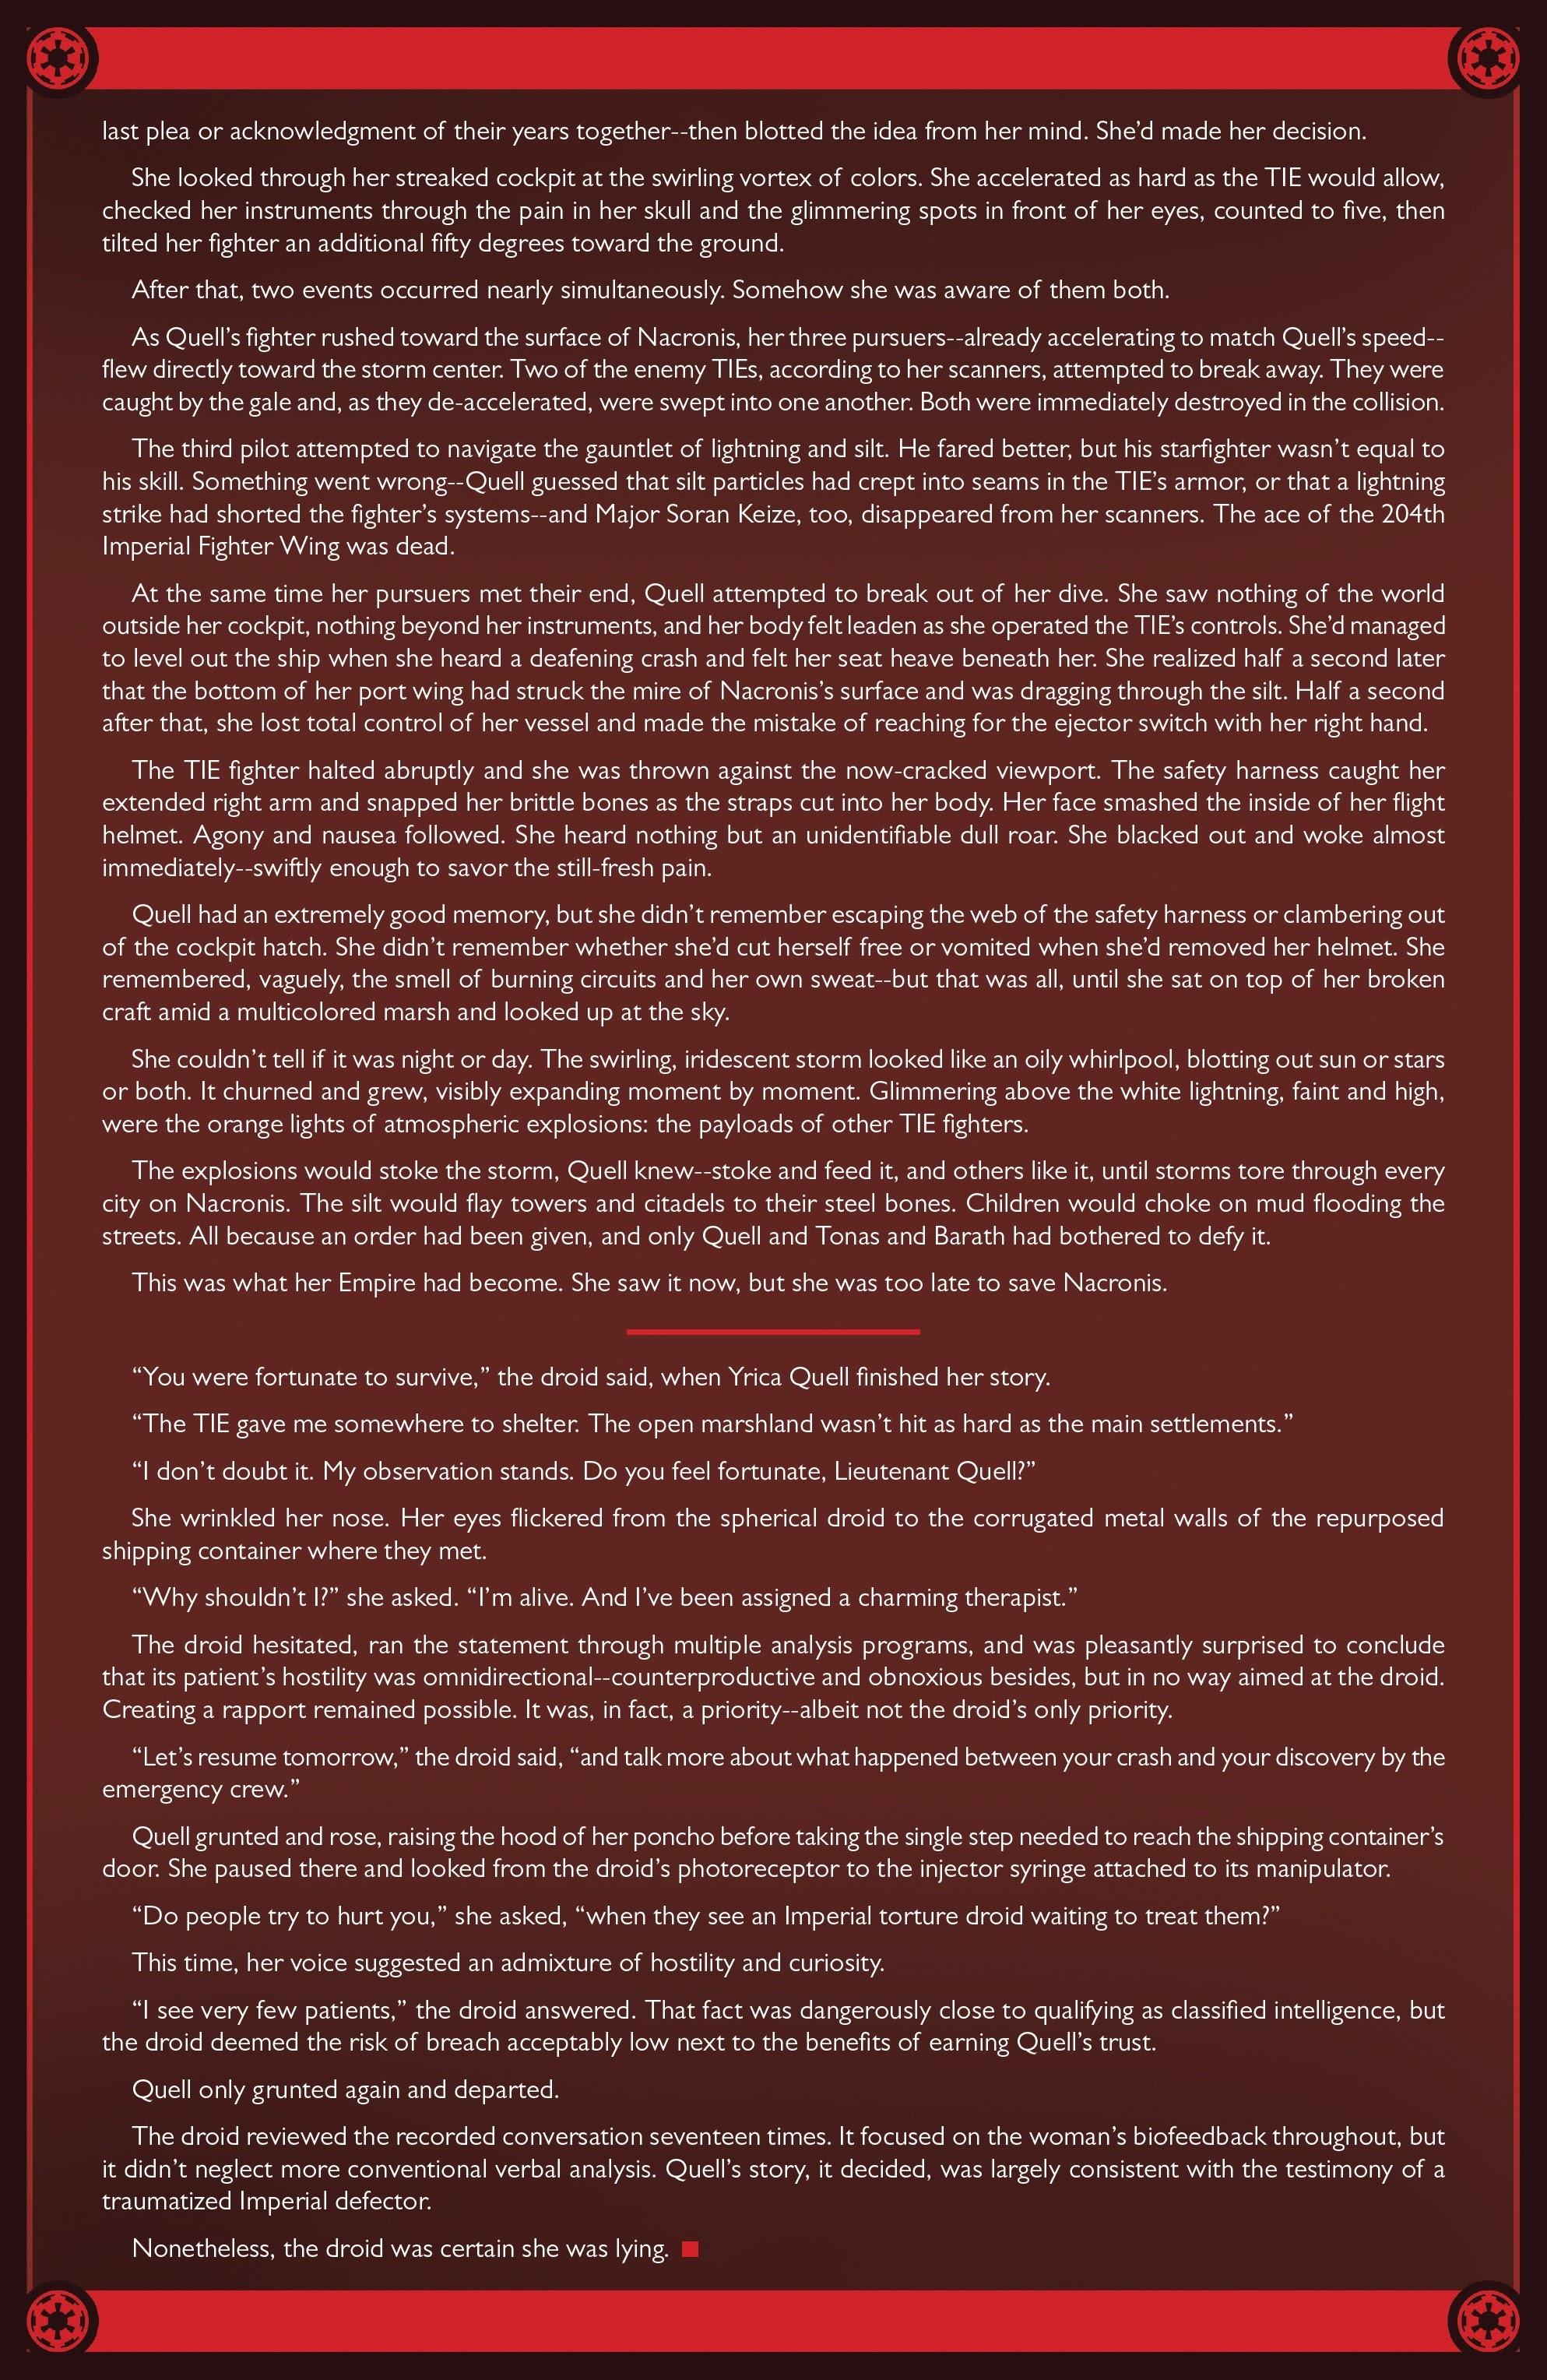 Star Wars: Tie Fighter 1 Page 25